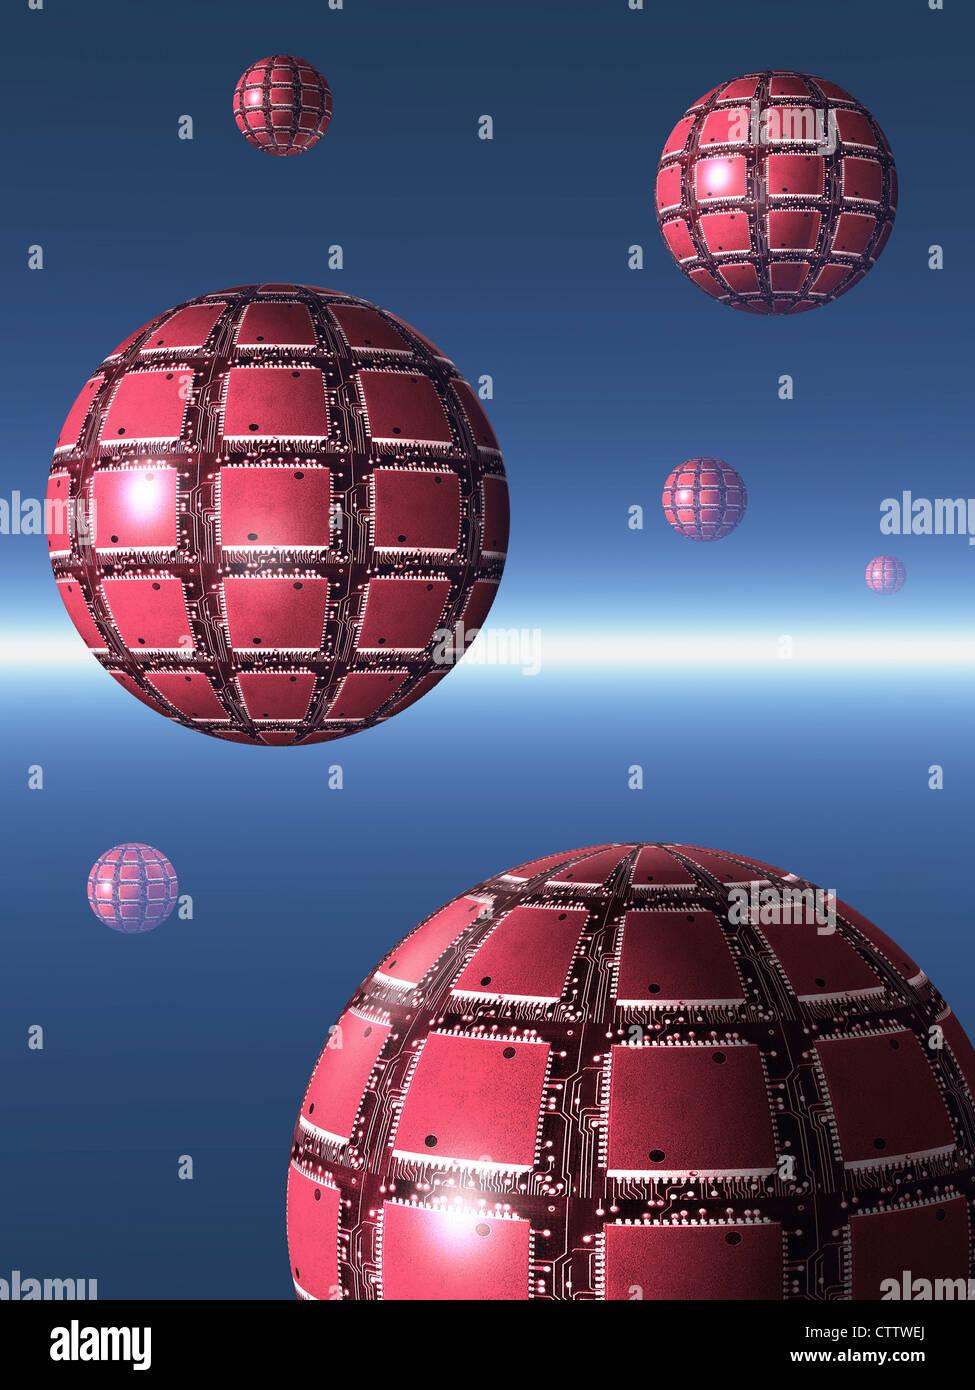 Kugeln mit Computer-Chips auf ihrer Oberfläche schweben in einem blauen Raum - Schwebende Rote Kugeln aus Computerchips Stockbild